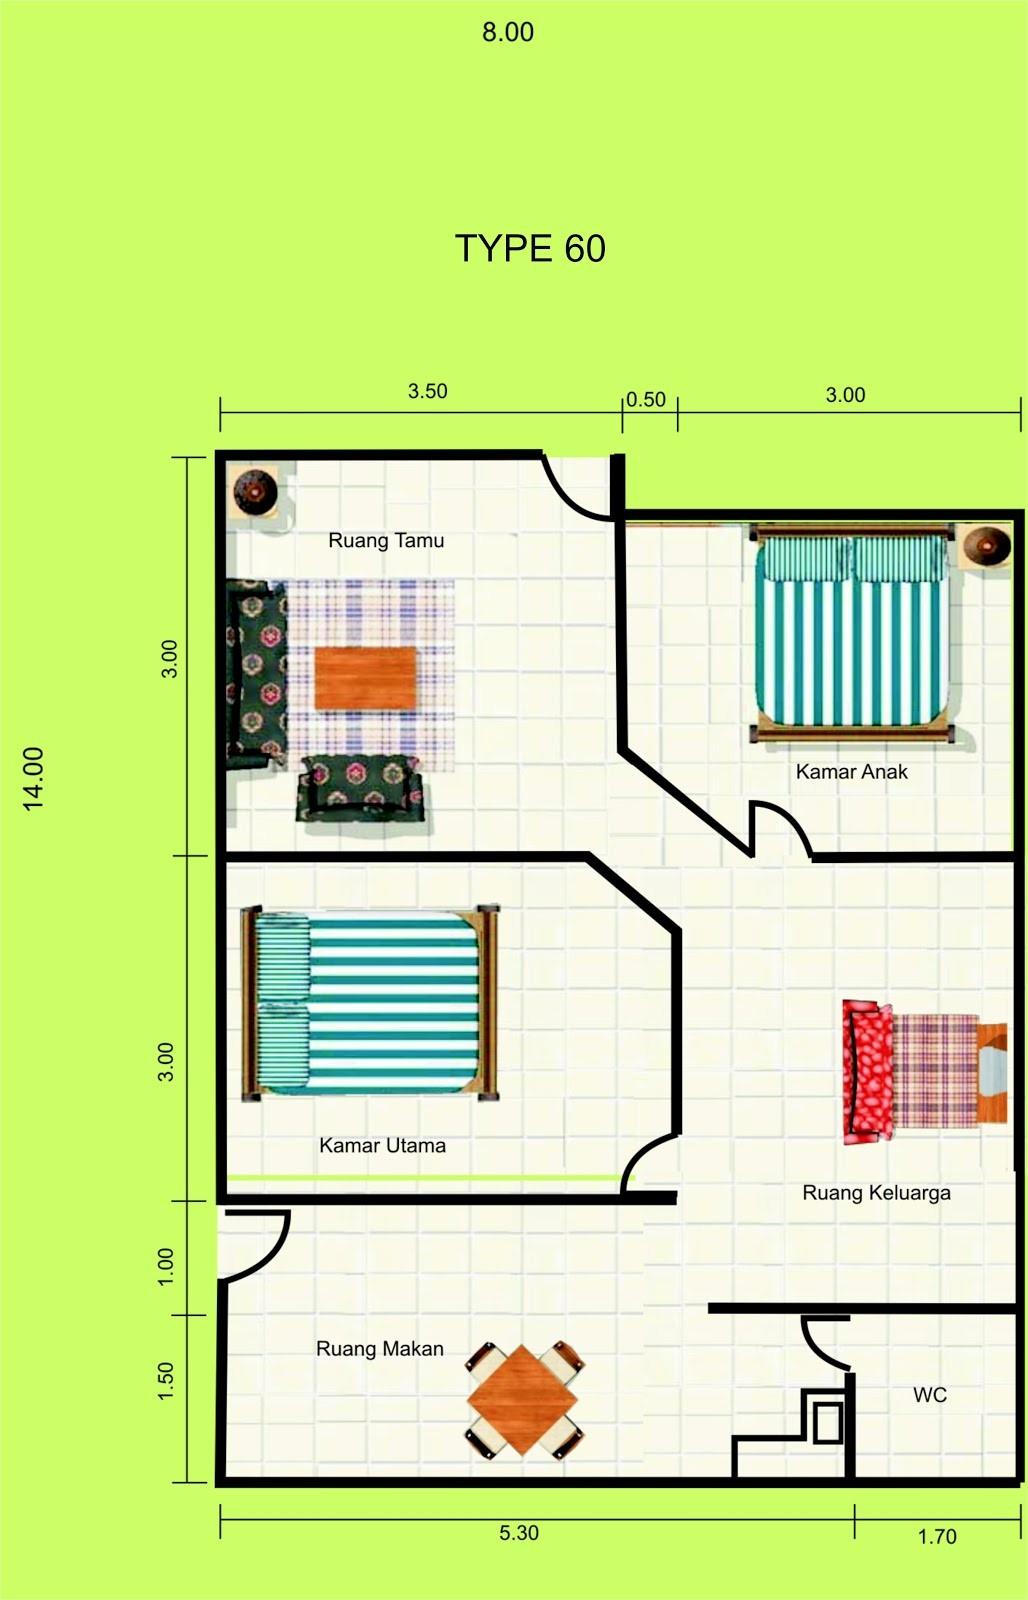 Inspirasi Gambar Denah Rumah Type 80 Yang Menarik